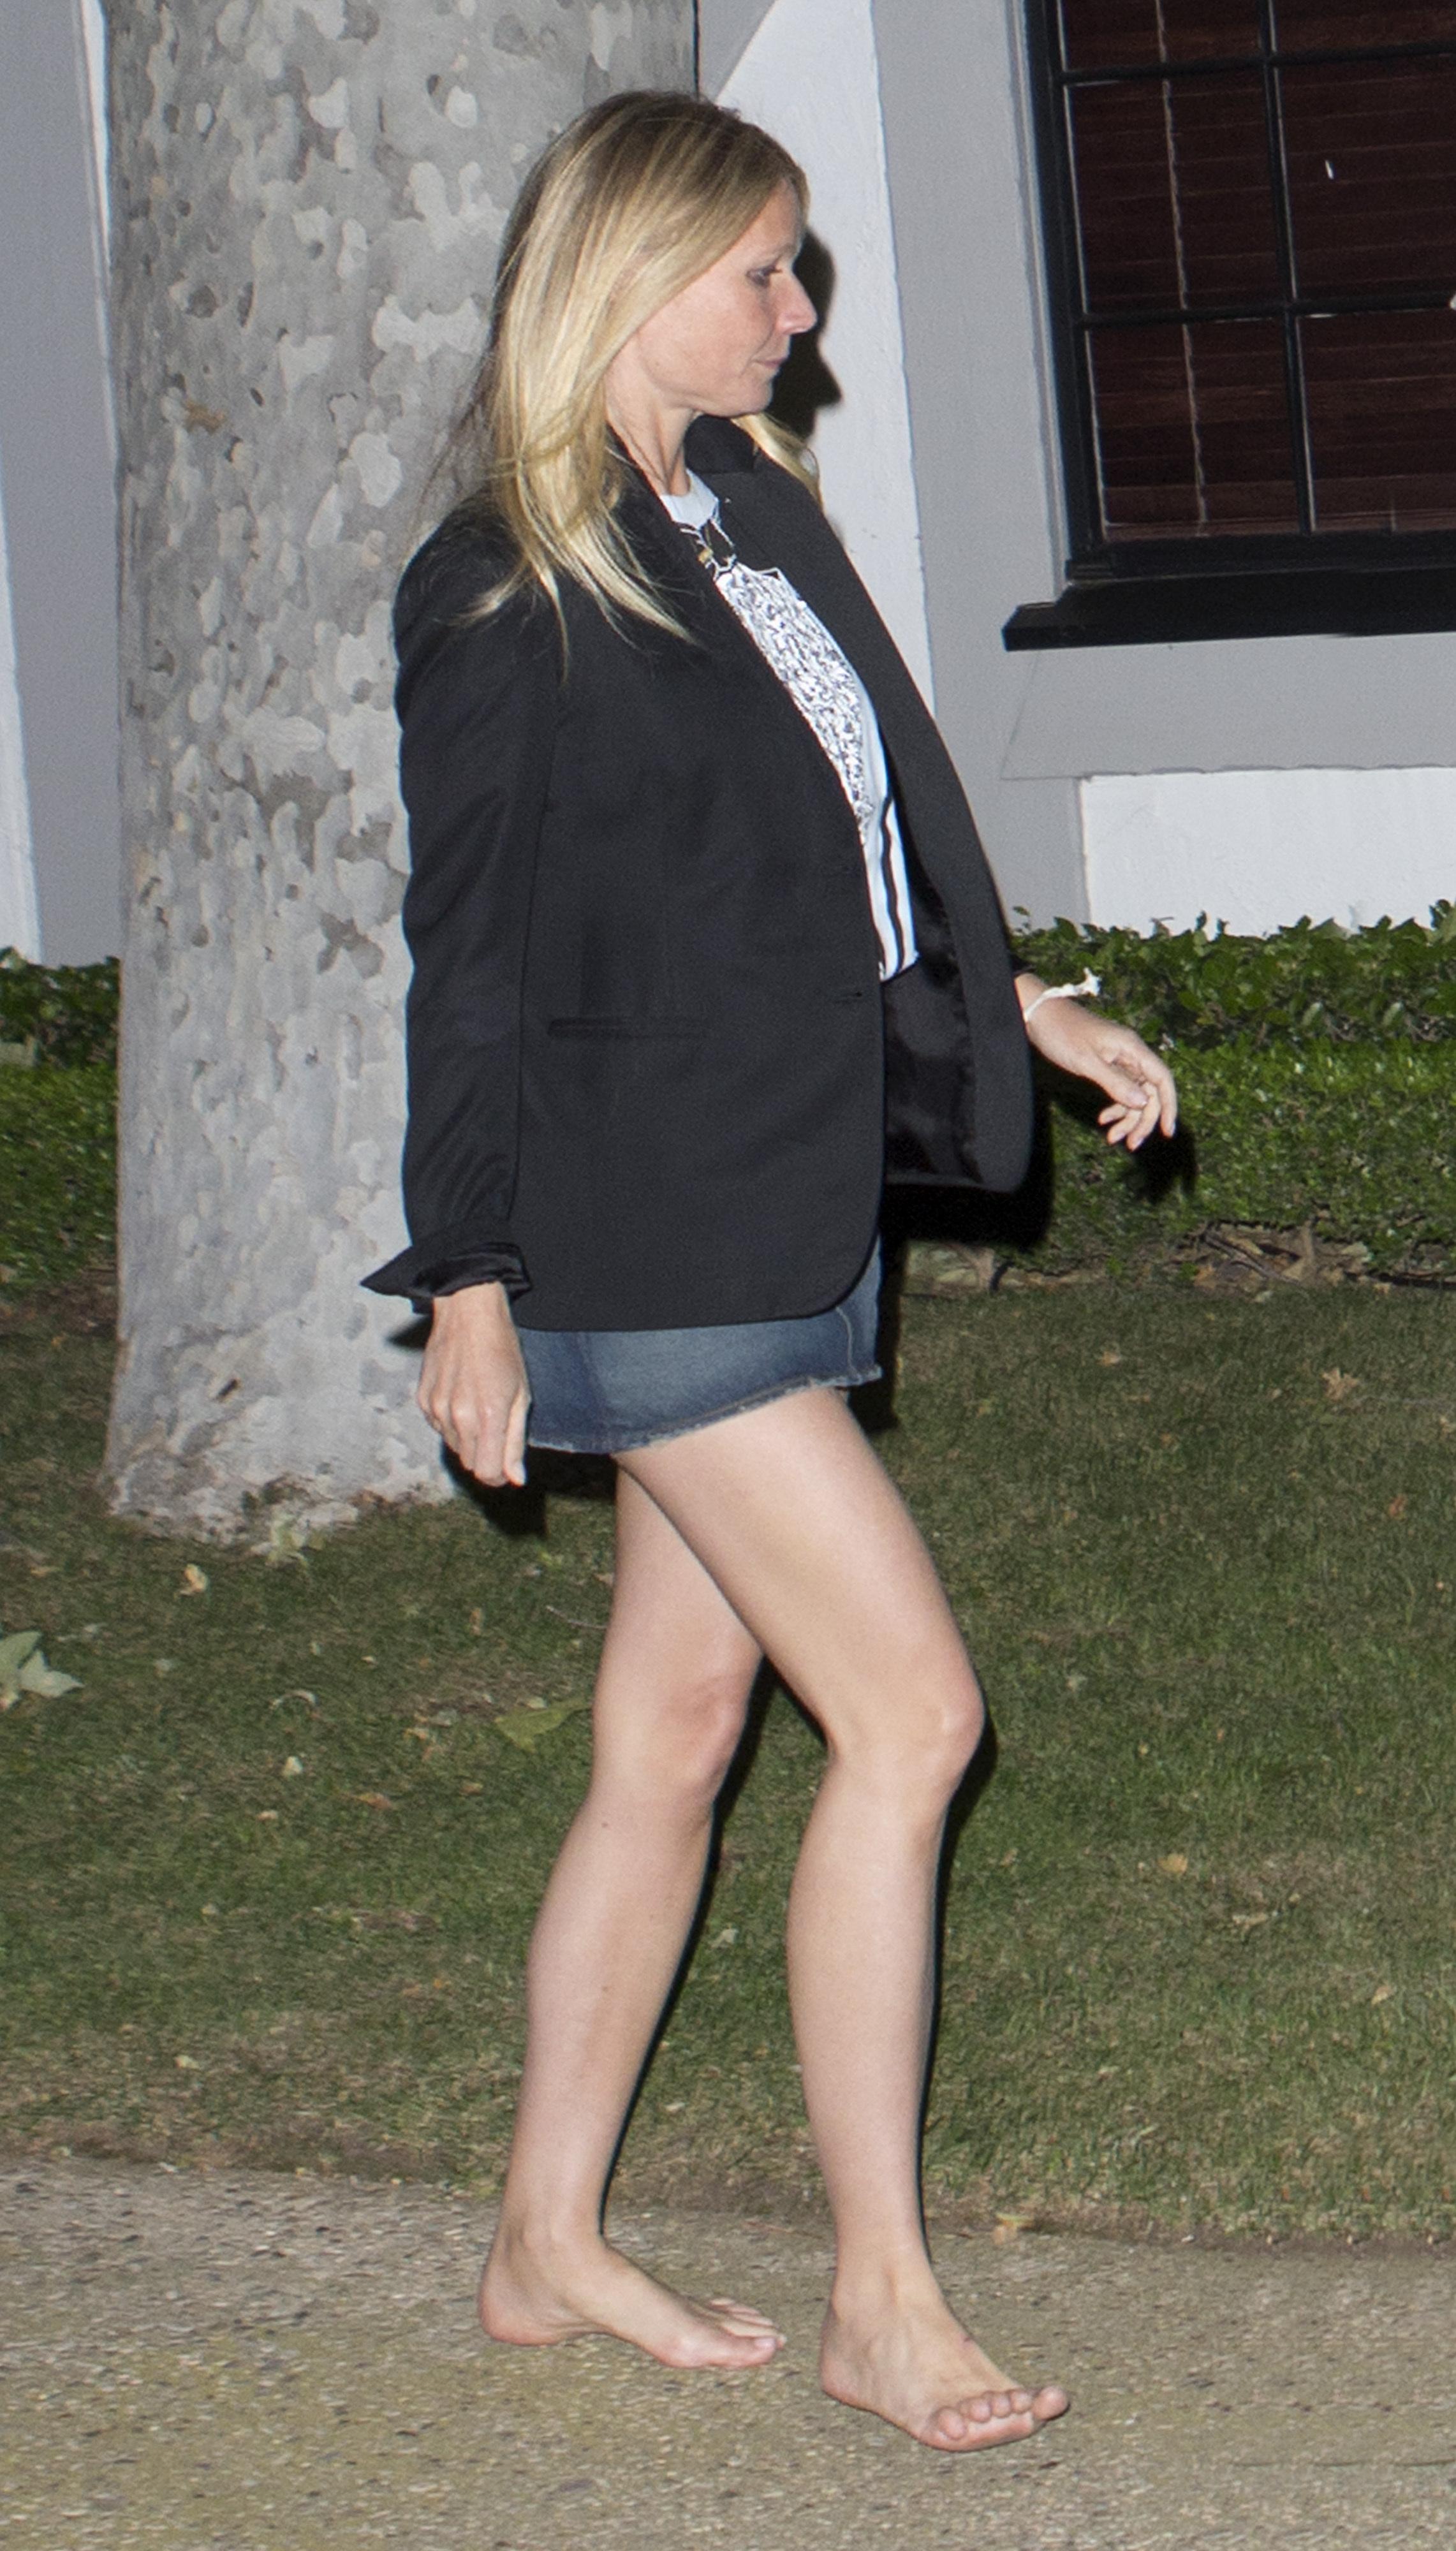 https://pics.wikifeet.com/Gwyneth-Paltrow-Feet-2217561.jpg